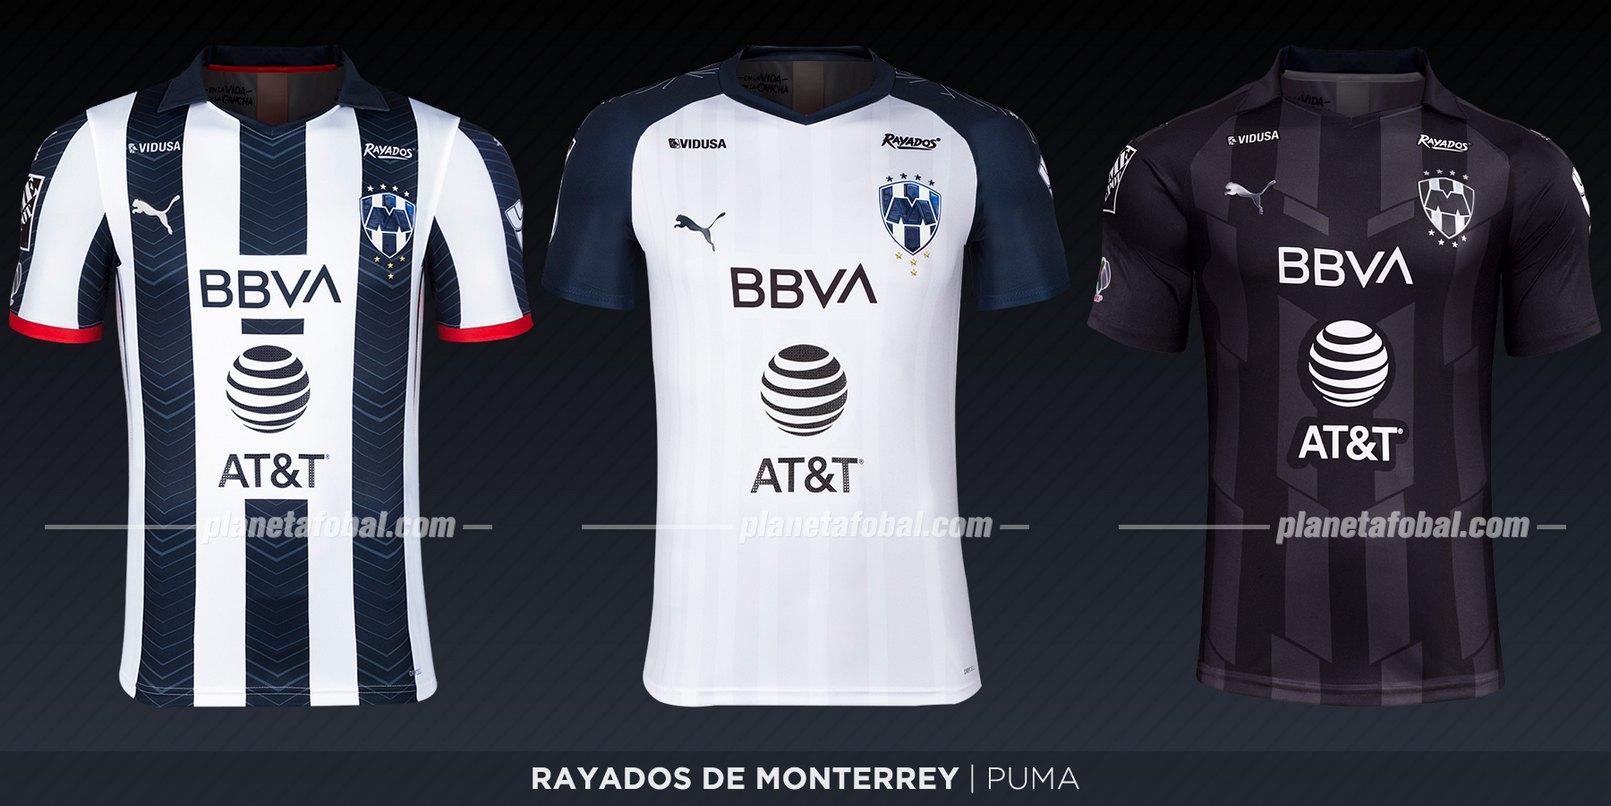 Rayados de Monterrey (Puma) | Camisetas de la Liga MX 2019-2020